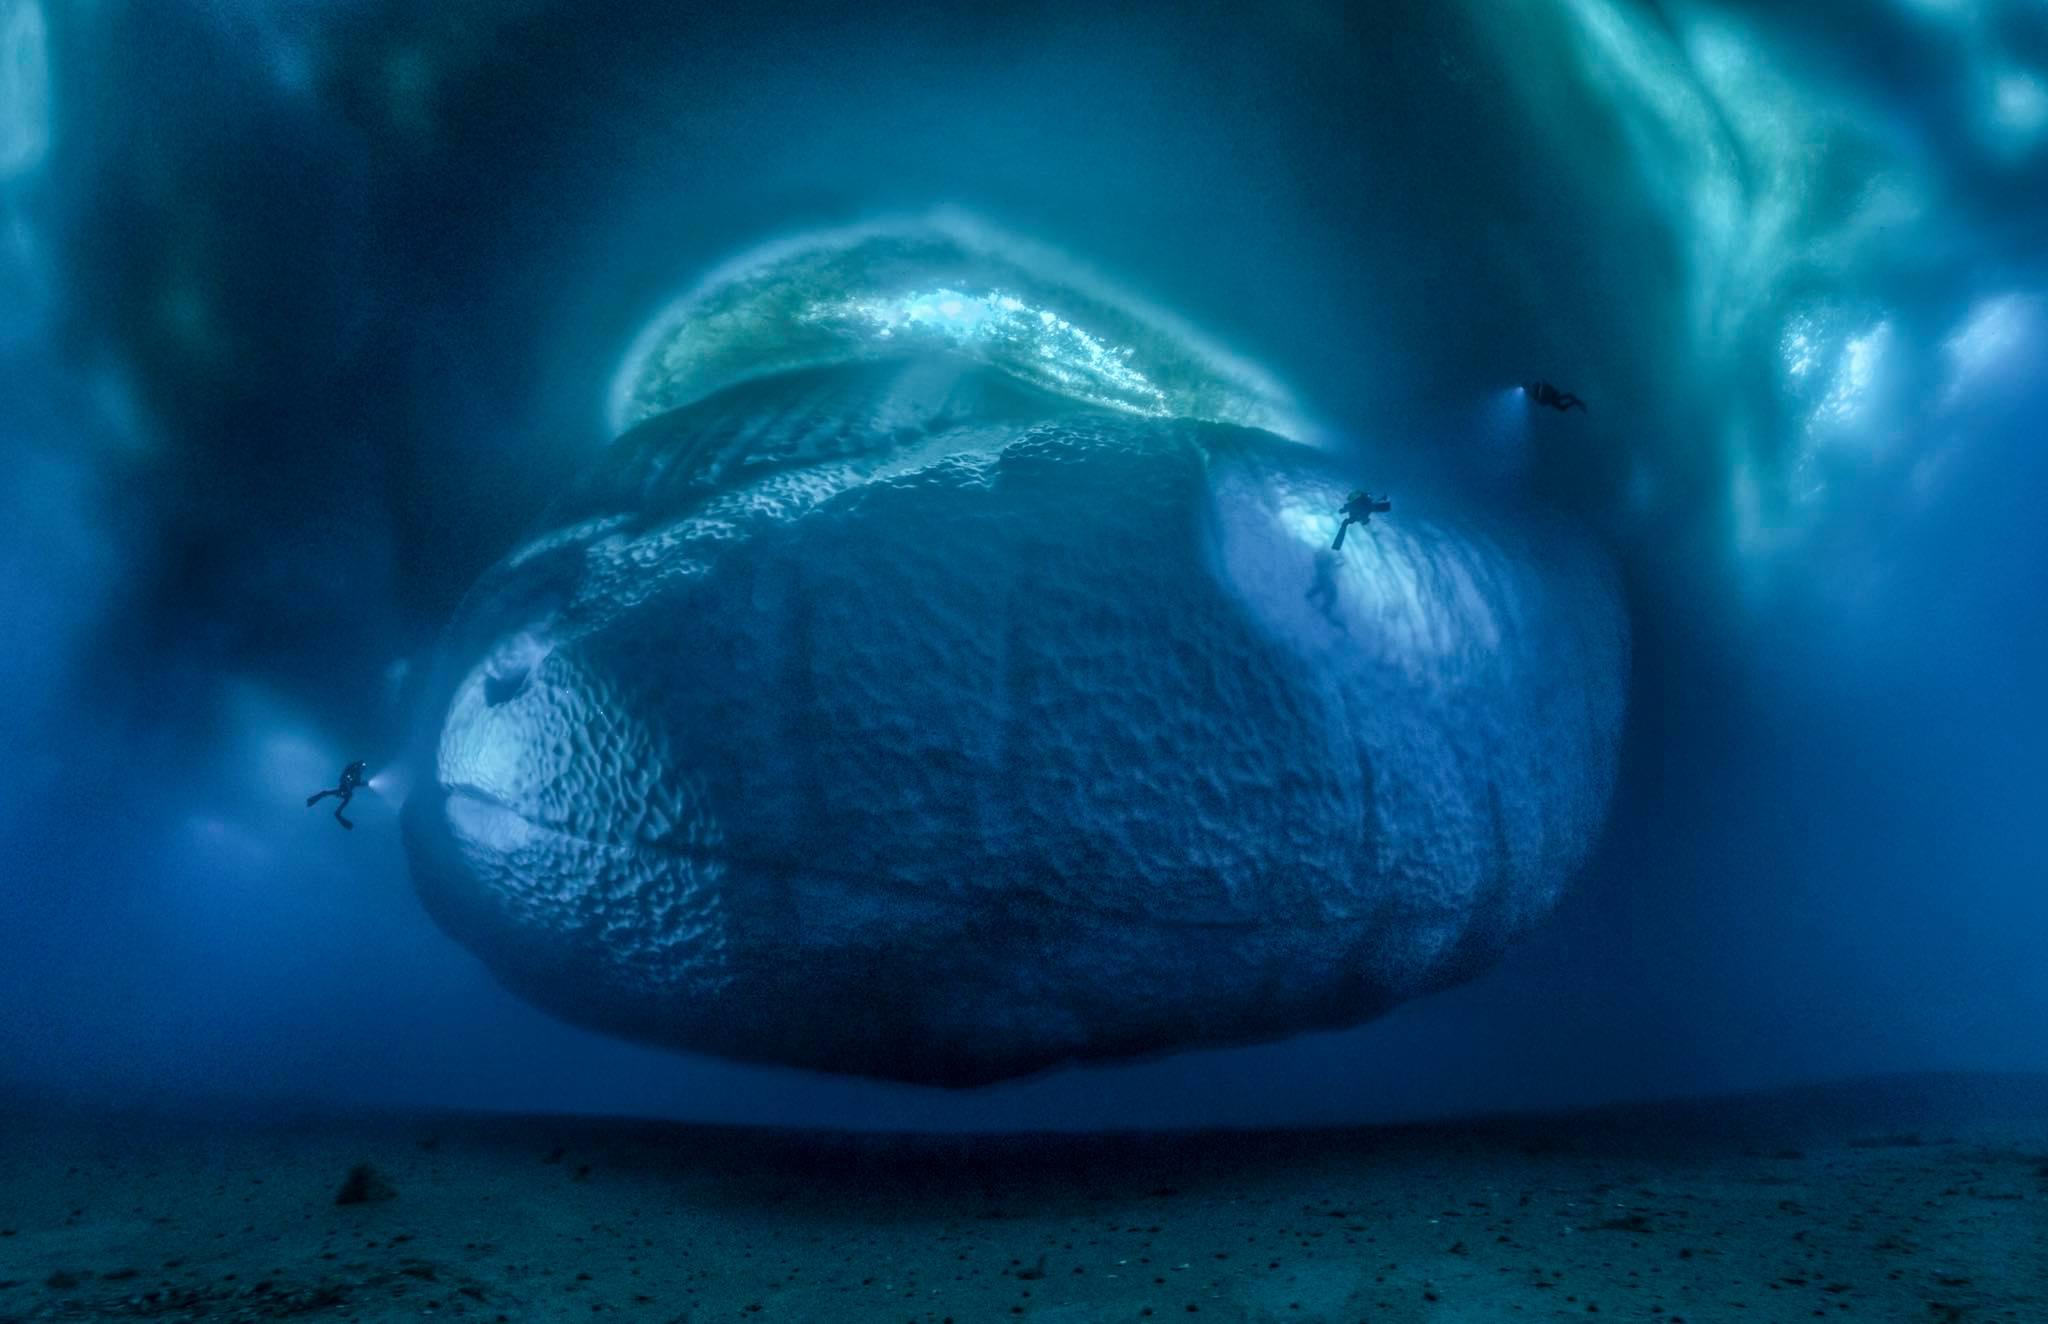 Histoire d'une photo#11 : Ice monster de L. Ballesta : la photo sous marine.